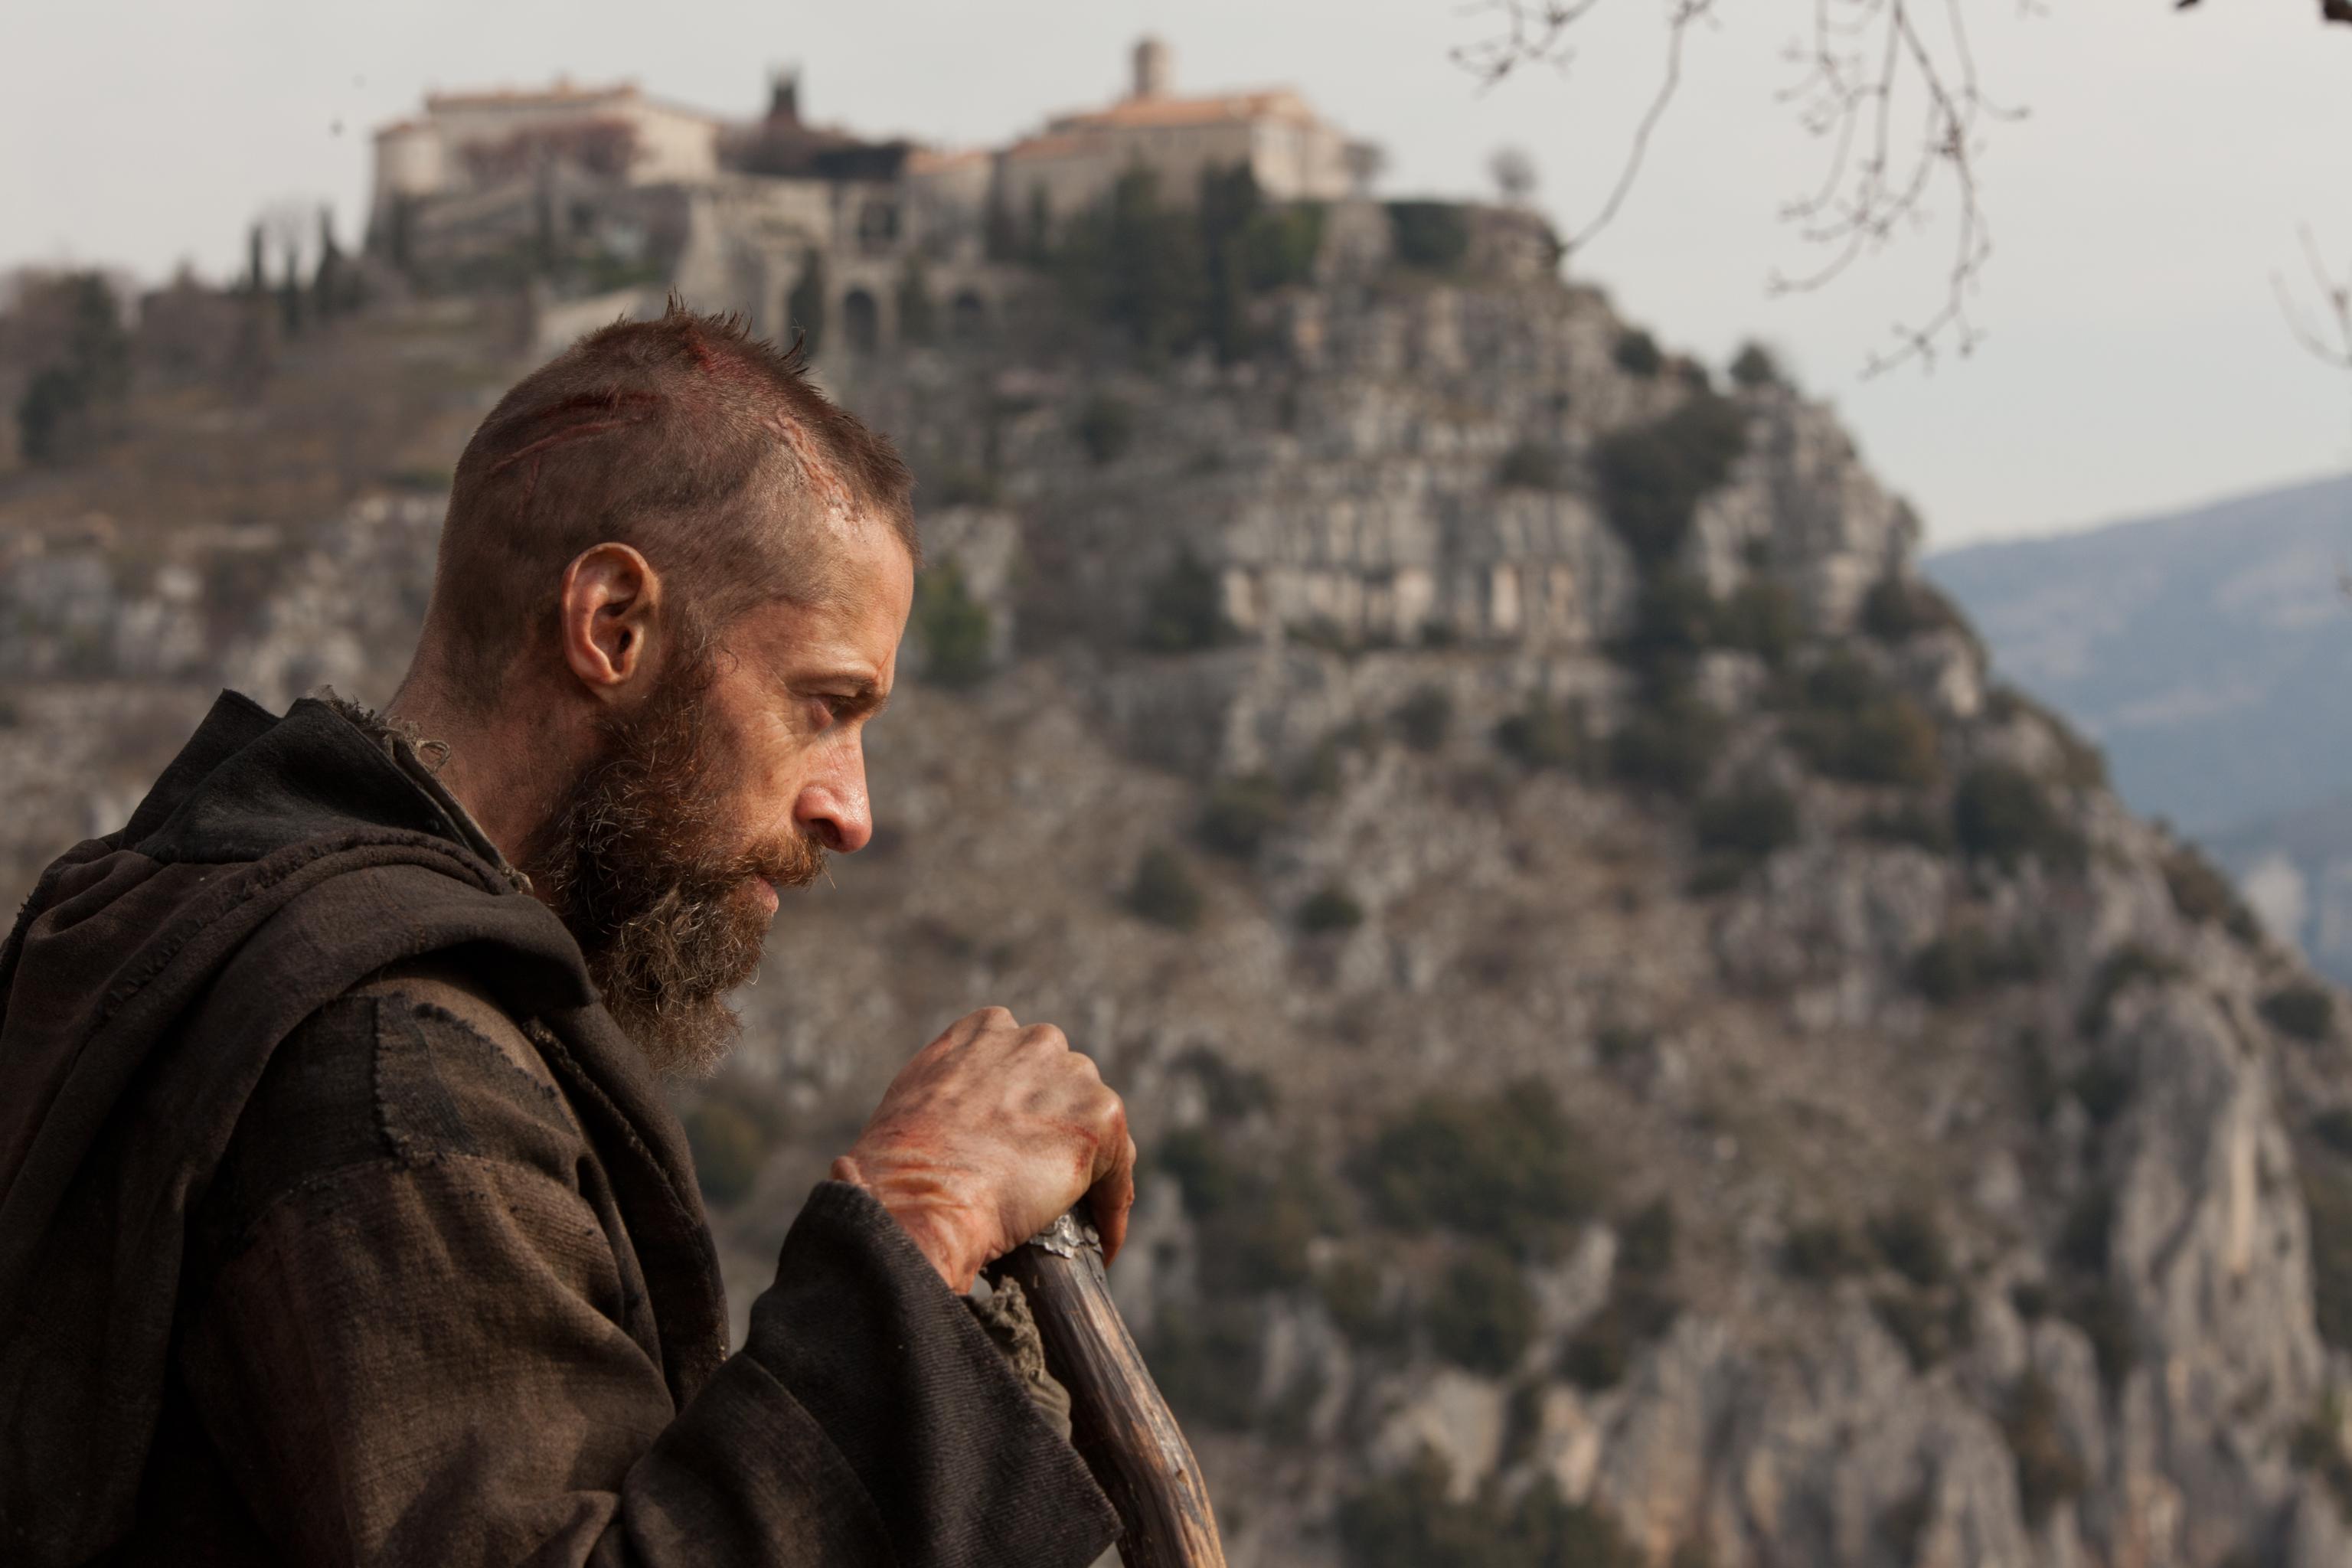 Hugh Jackman in Les Misérables - HeyUGuys  Hugh Jackman in...